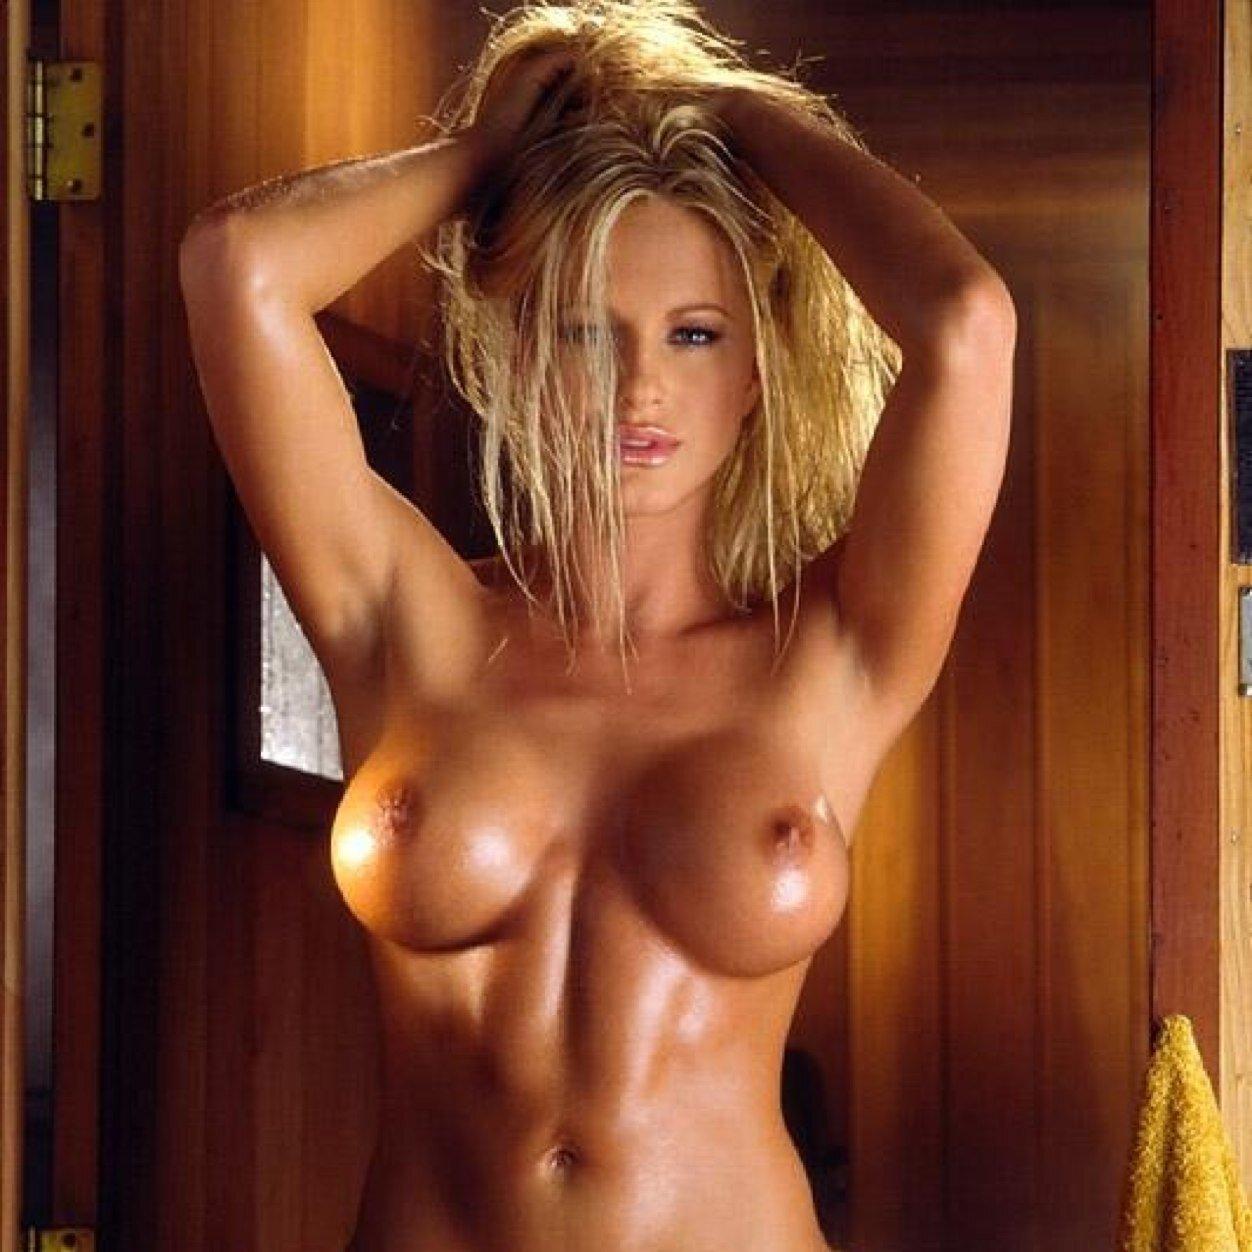 Самая красивая девушка мира 18 лет голая 12 фотография